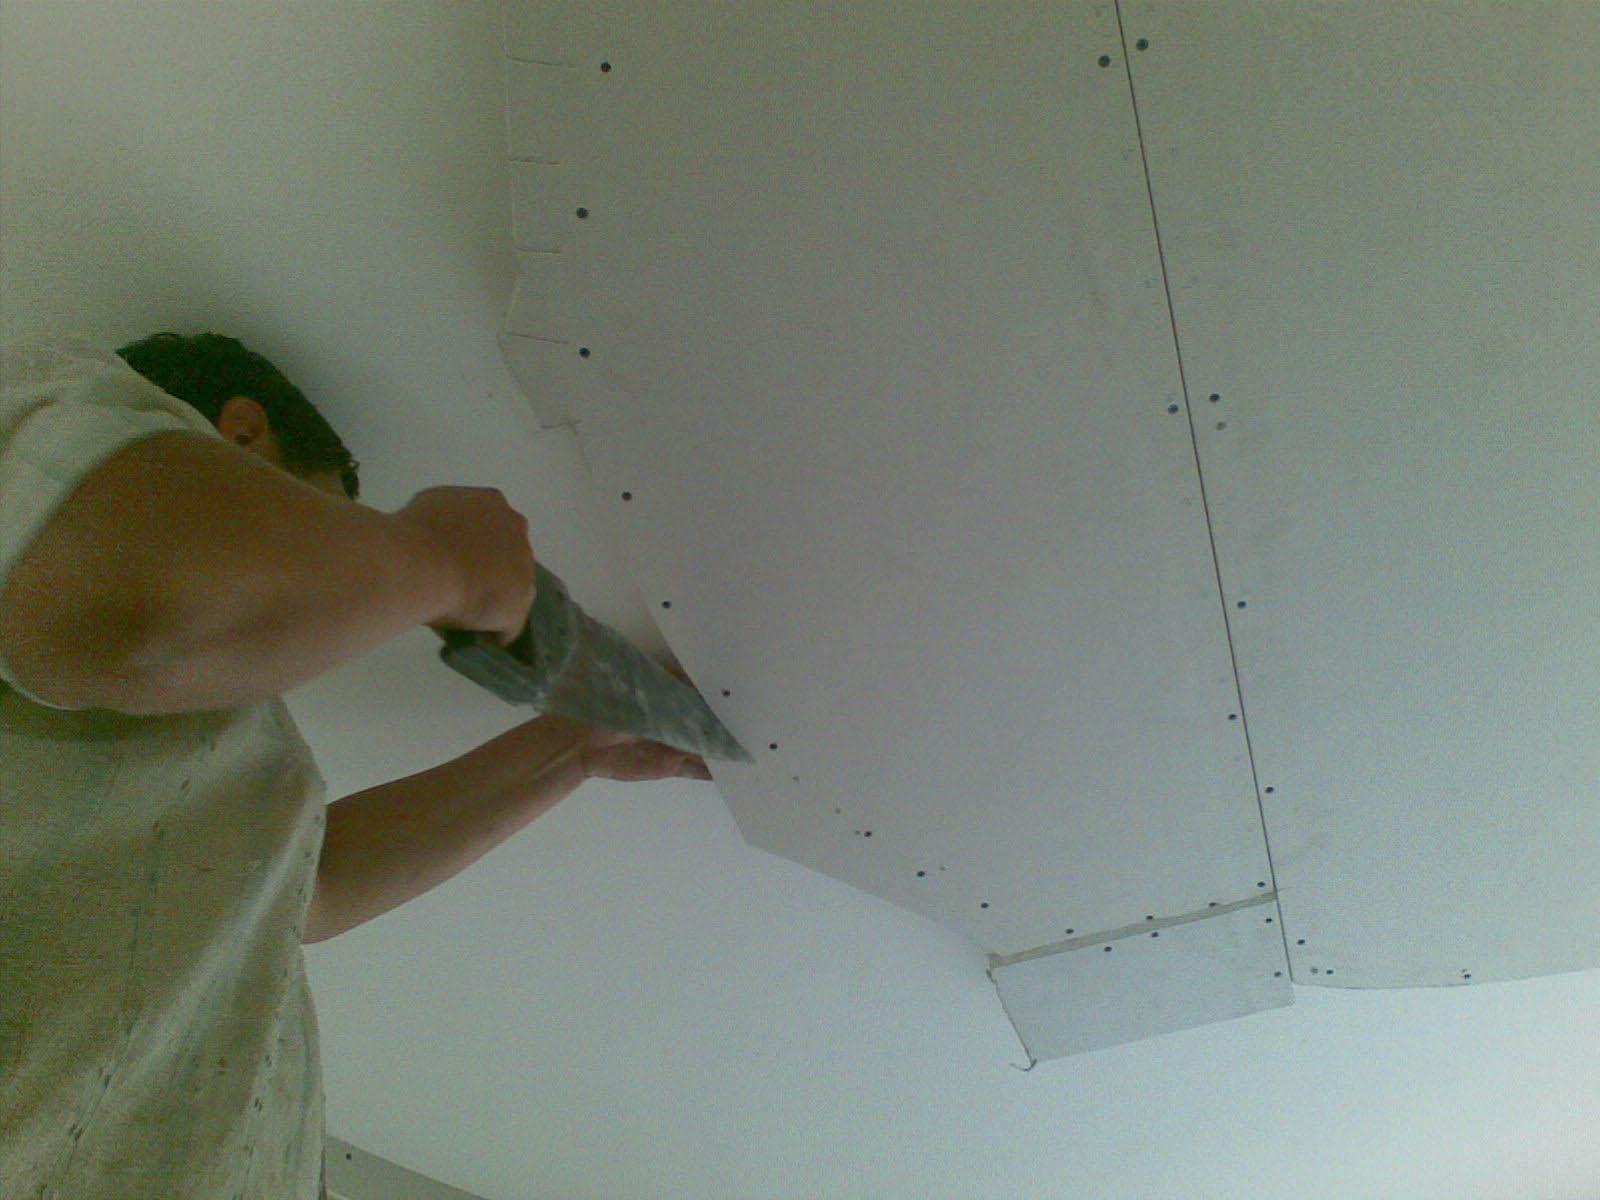 Пошаговая инструкция по монтажу гипсокартонного потолка своими руками с подробными фото